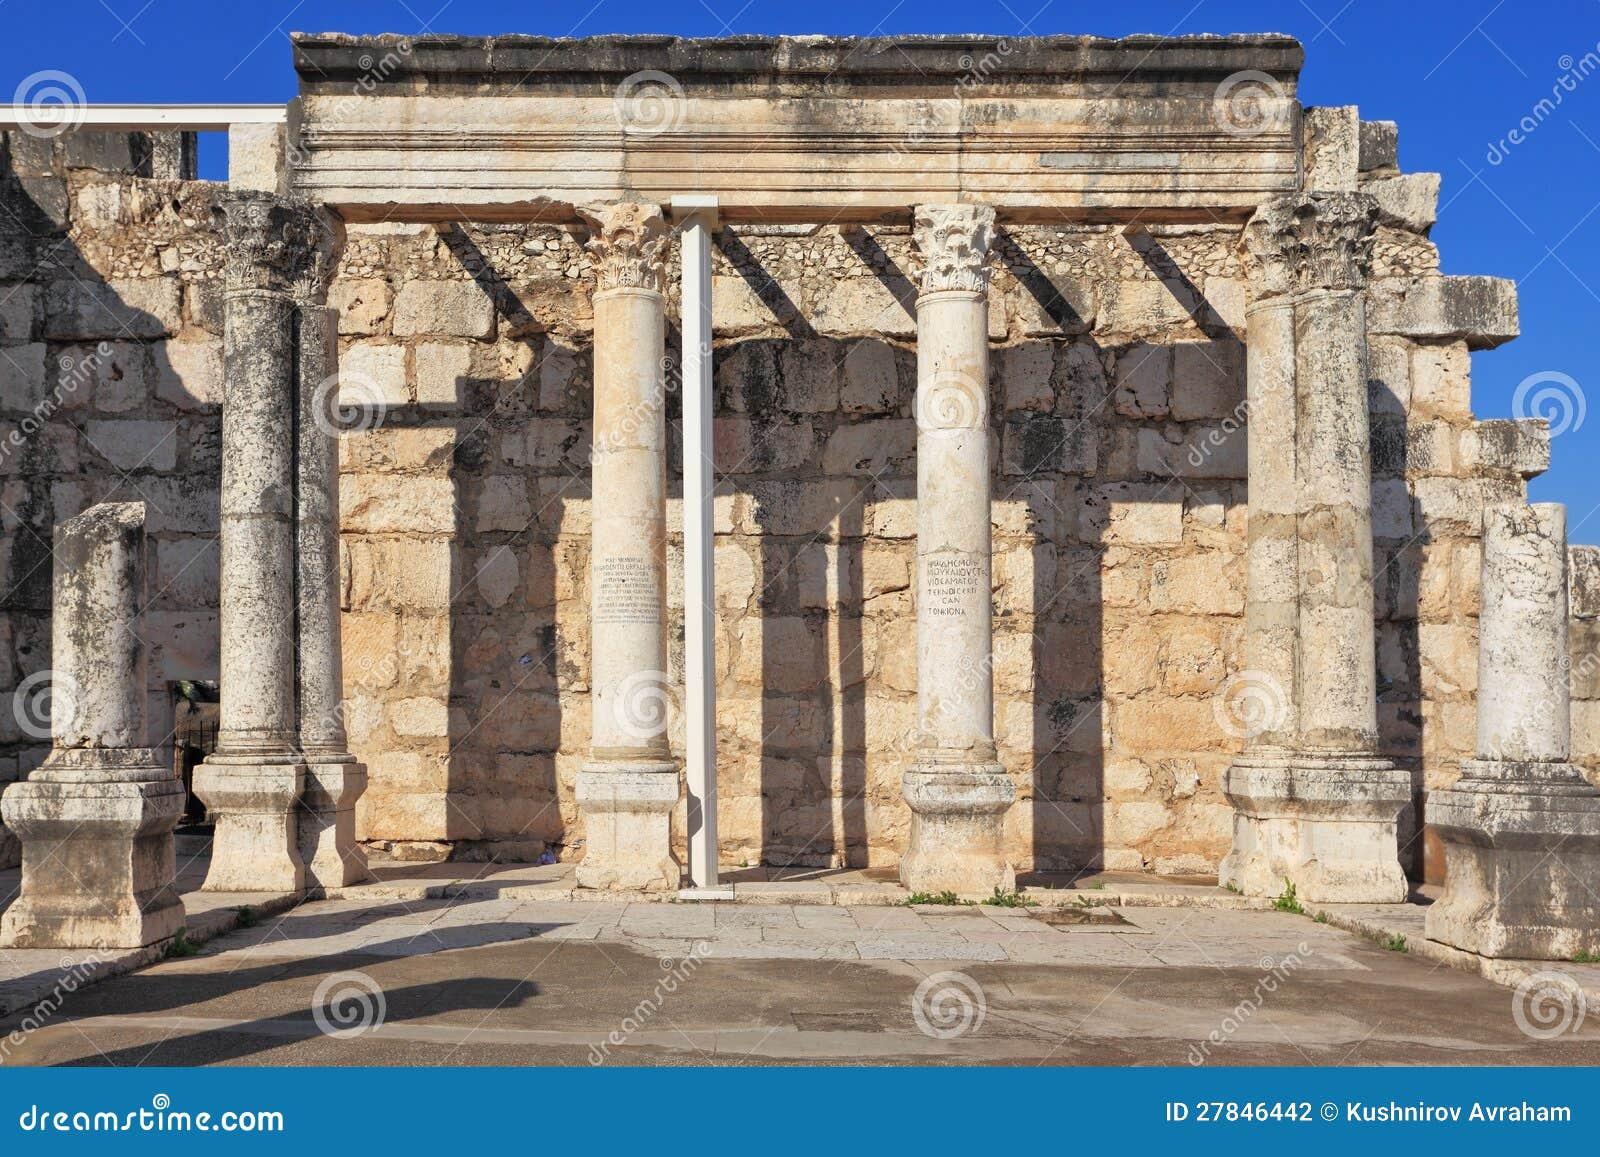 Eine Kolonnade in der römischen Art